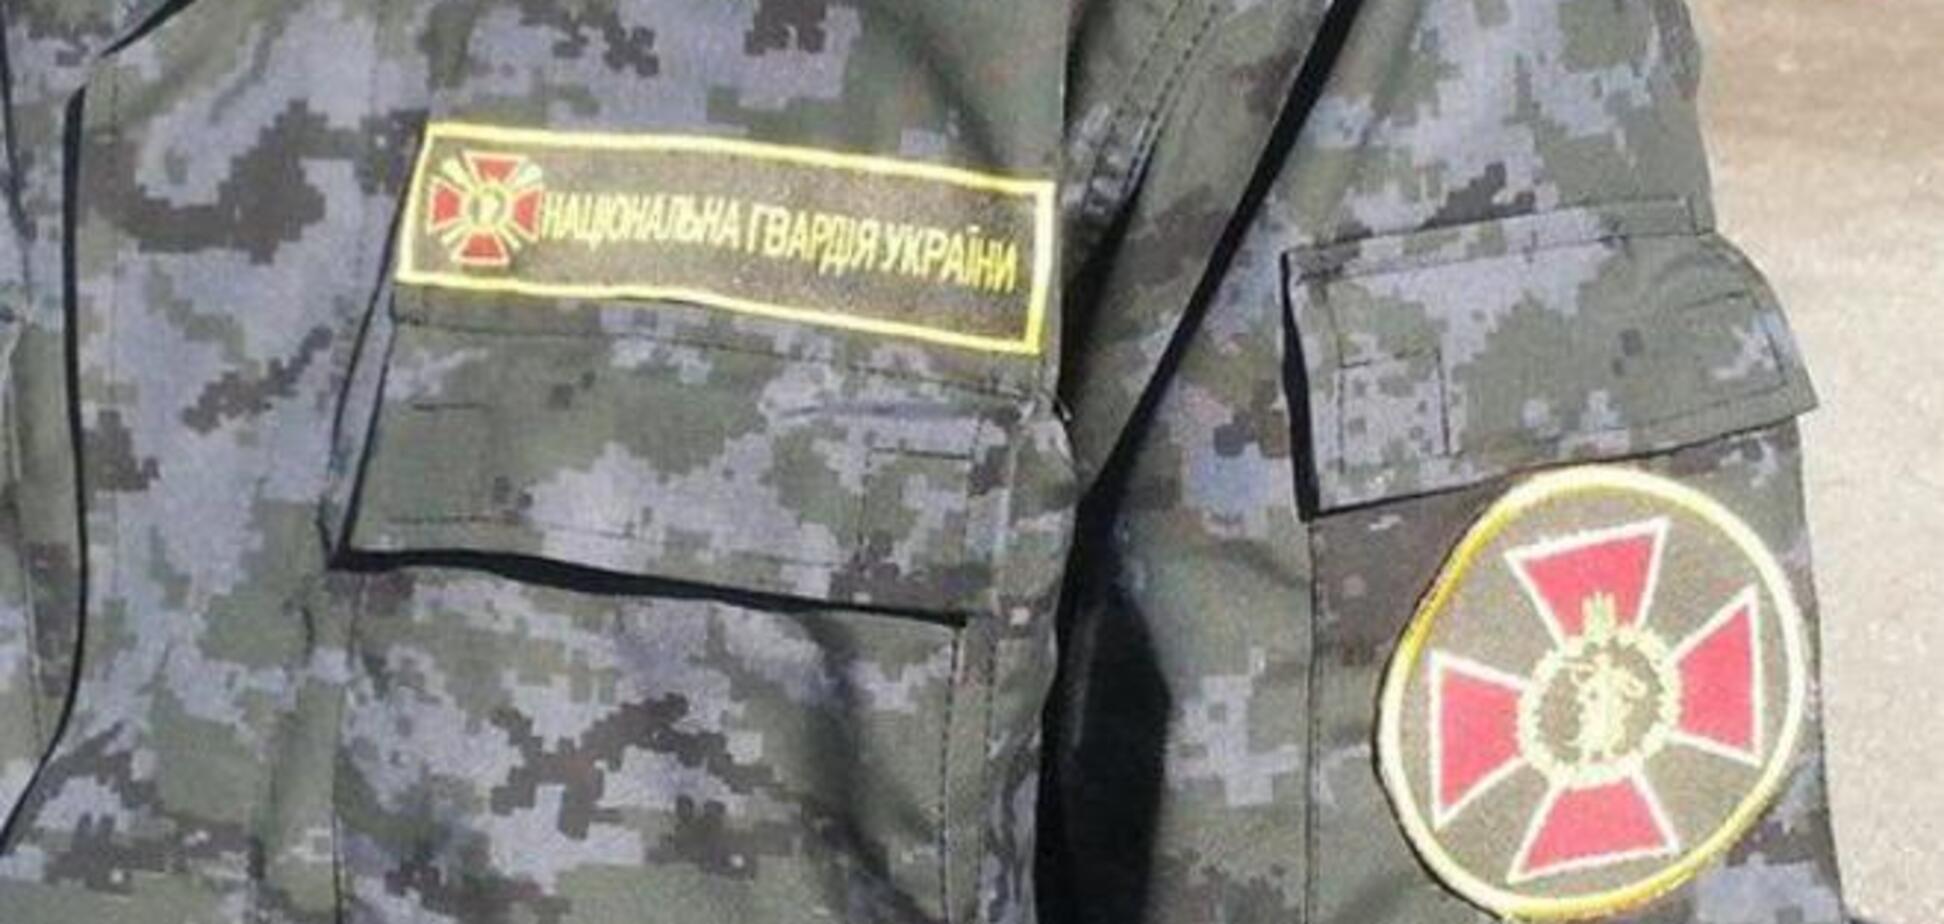 Усиление обороны: к границе с Приднестровьем отправили около тысячи нацгвардейцев